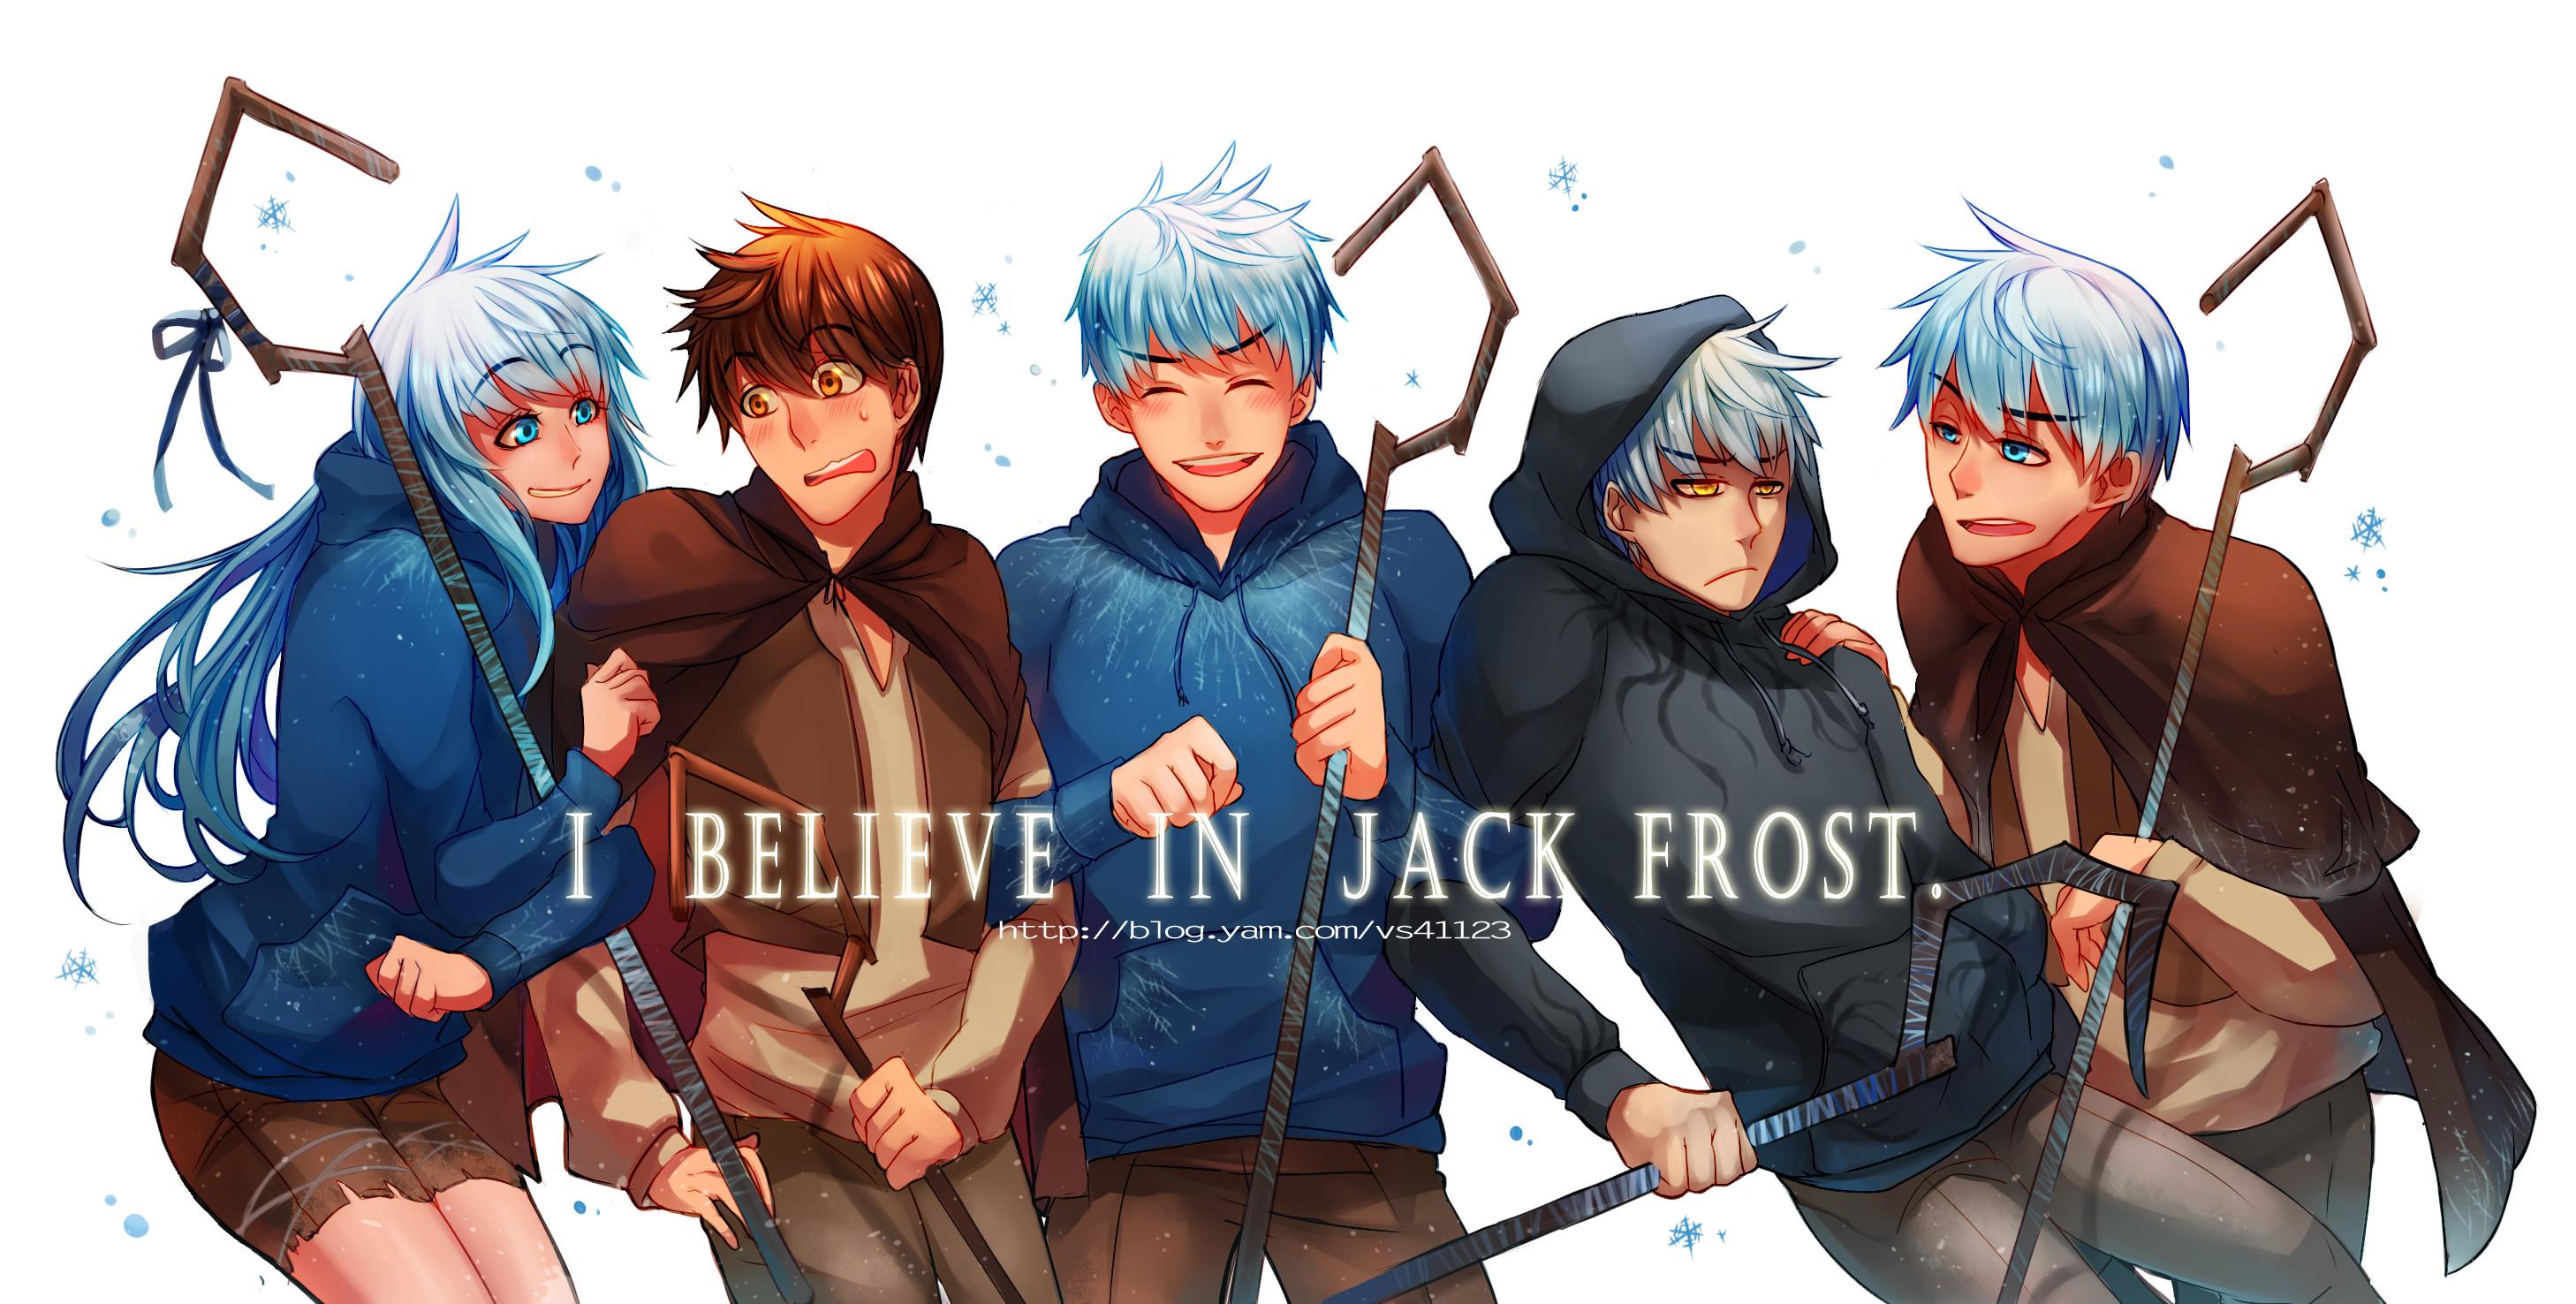 Jack Frost download Jack Frost image